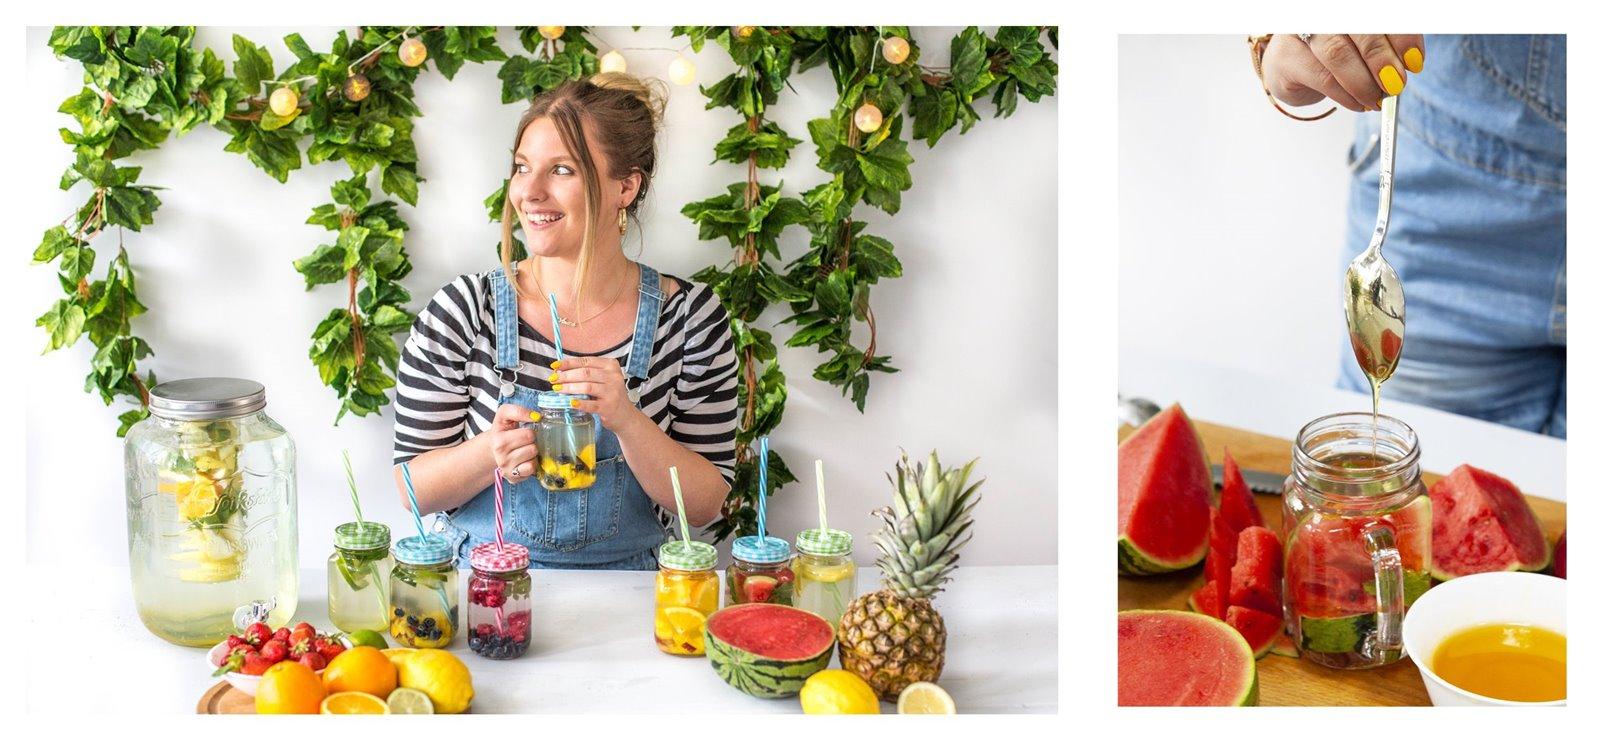 4 owoce sezon na lemoniadę browin jak zrobić pyszne napoje deser pomysły na przekąski na urodziny wakacje przyjęcie lato słoiki duży słój z kranem na lemoniadę słoiki ze słomką z uchem sklep gdzie kupić łódź